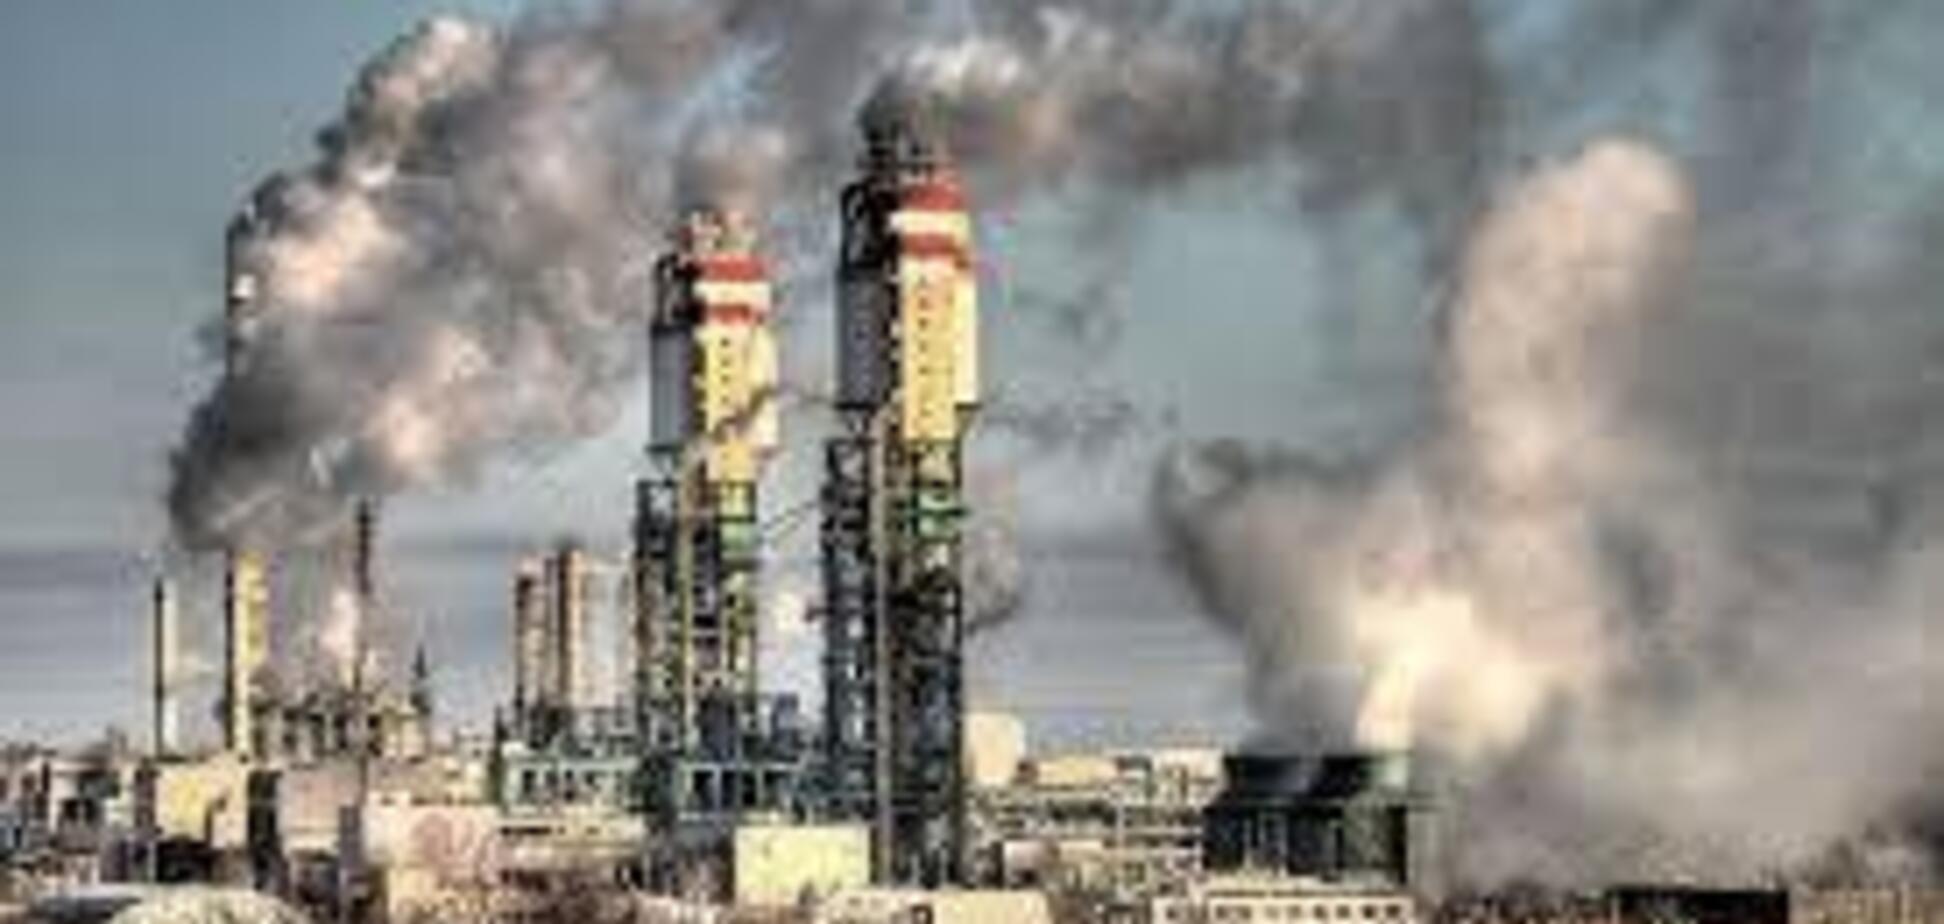 Держава може допомогти промисловцям боротися з промисловими забрудненнями